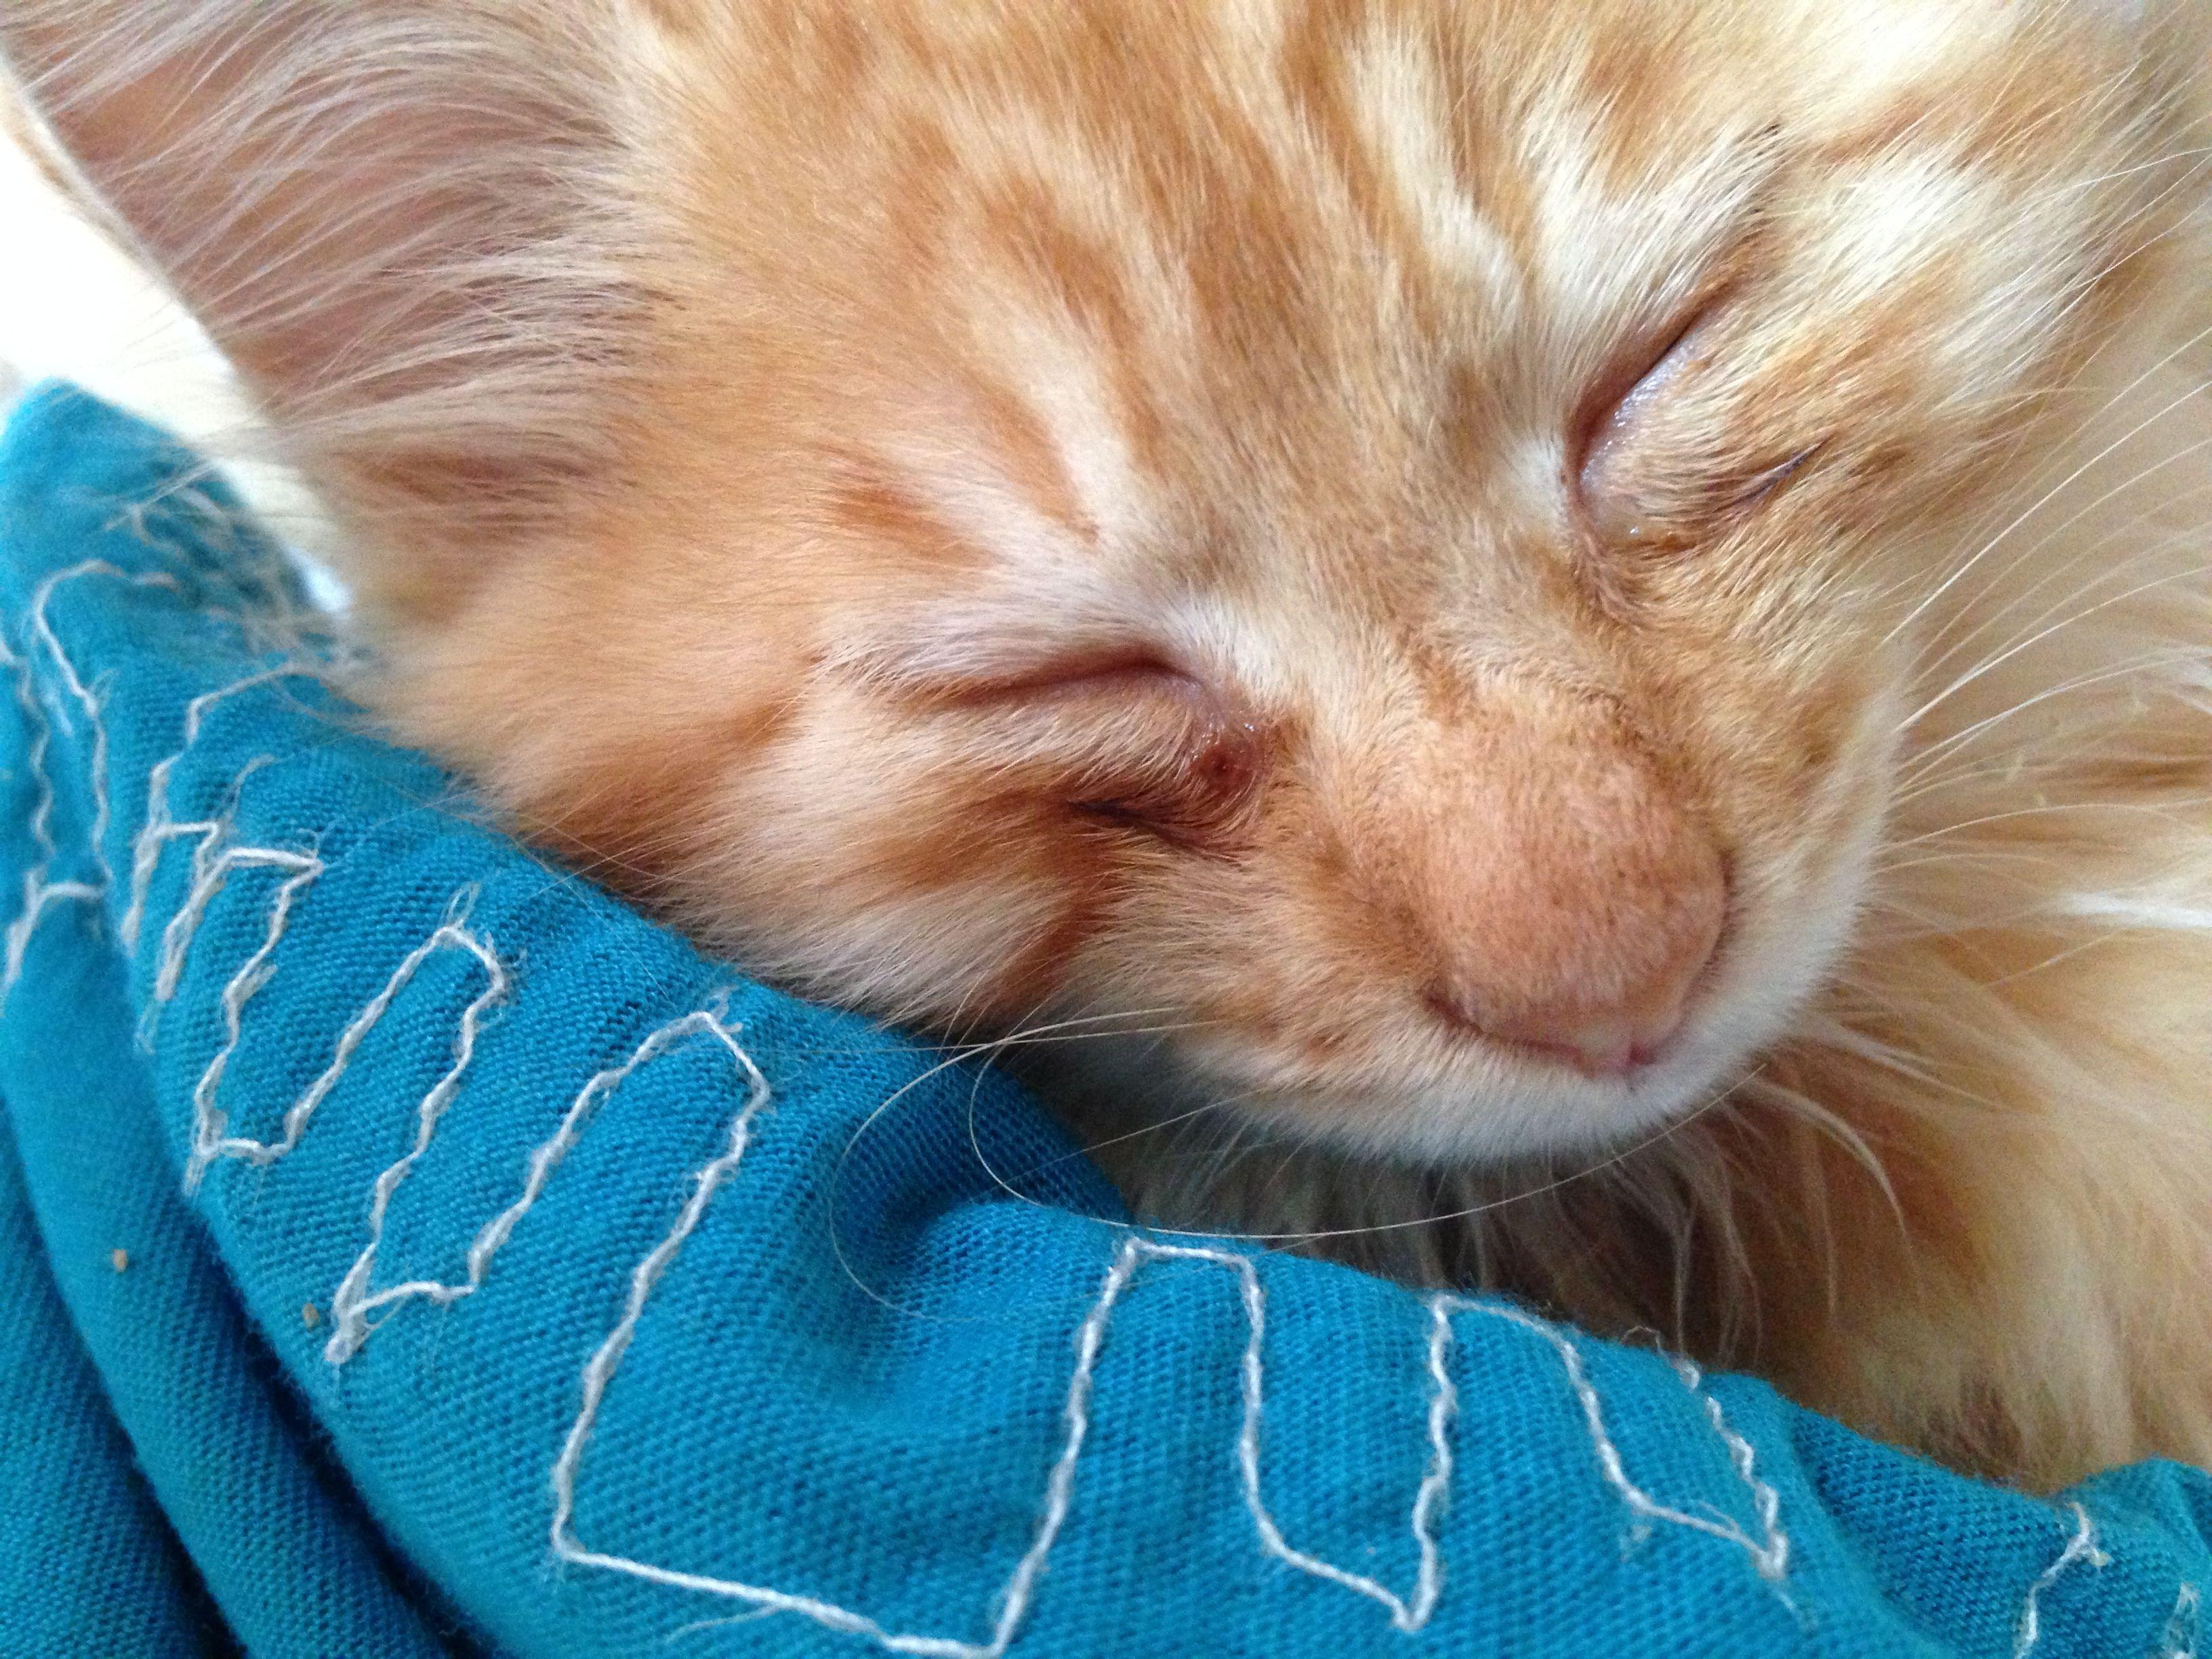 猫得螨虫的症状_猫咪这是得了猫癣么,还有他的眼睛是怎么回事啊。。。_百度知道